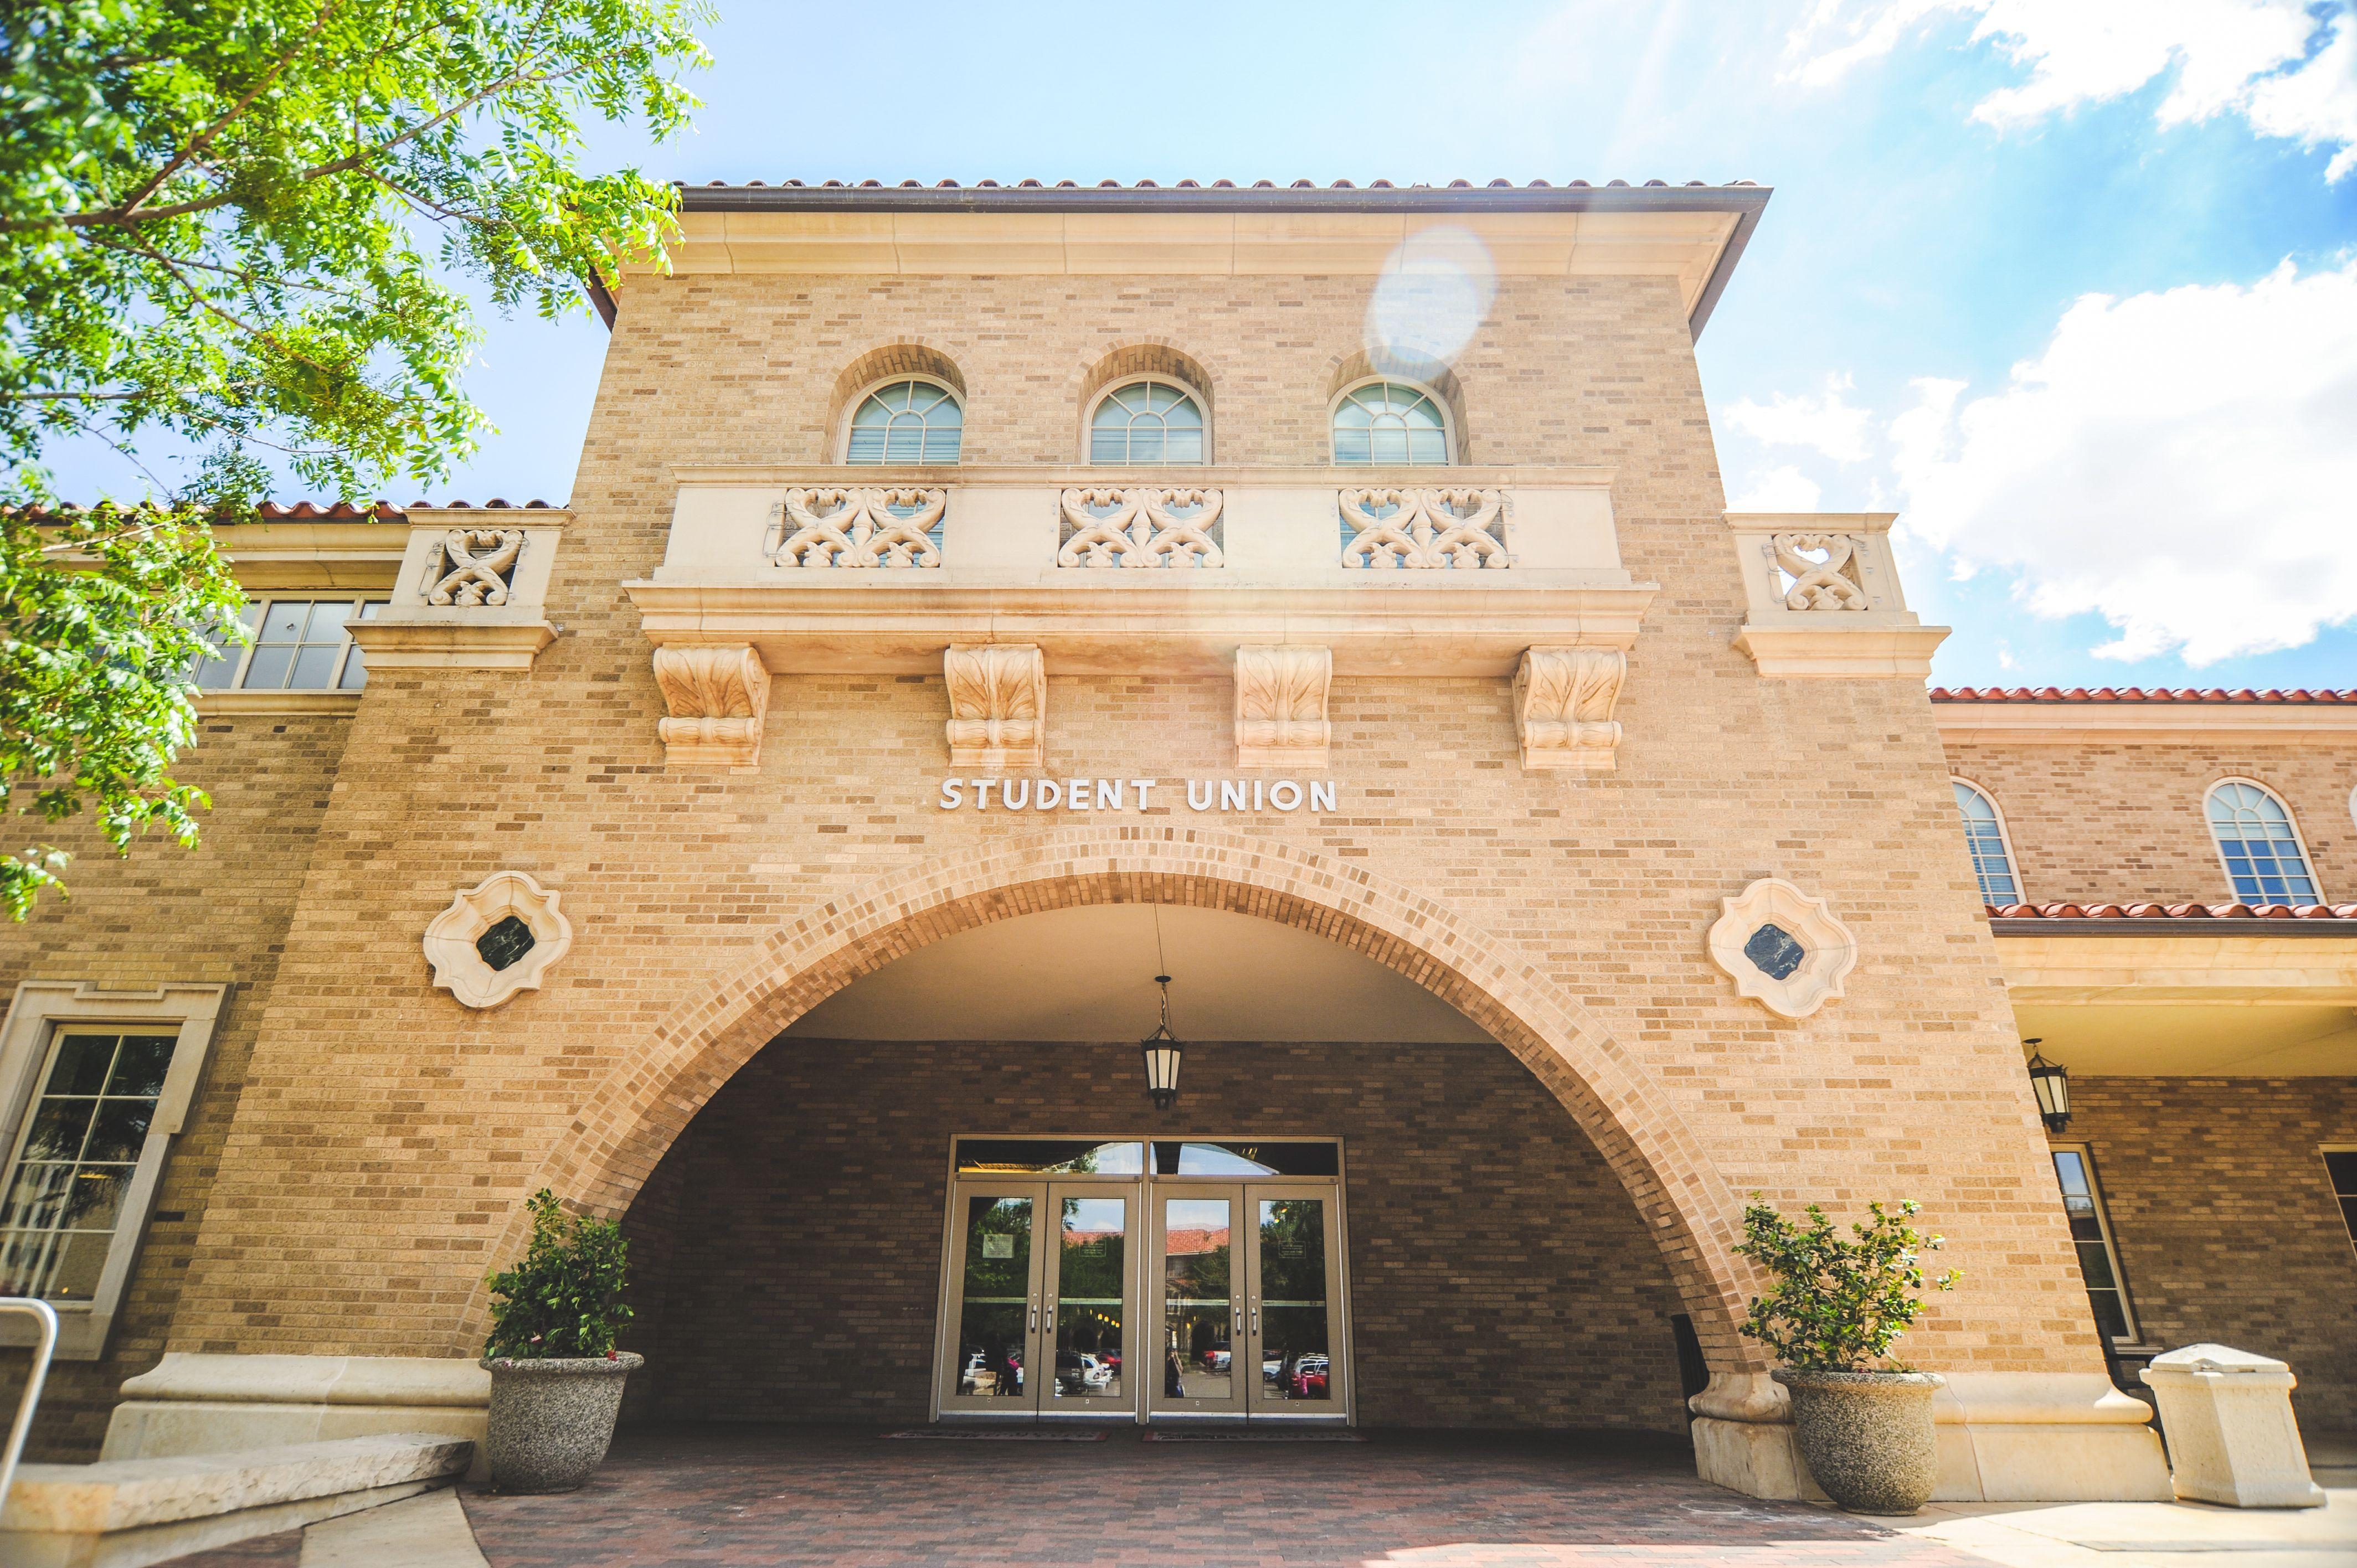 Student Union Building TTAA TexasTech SupportTradition